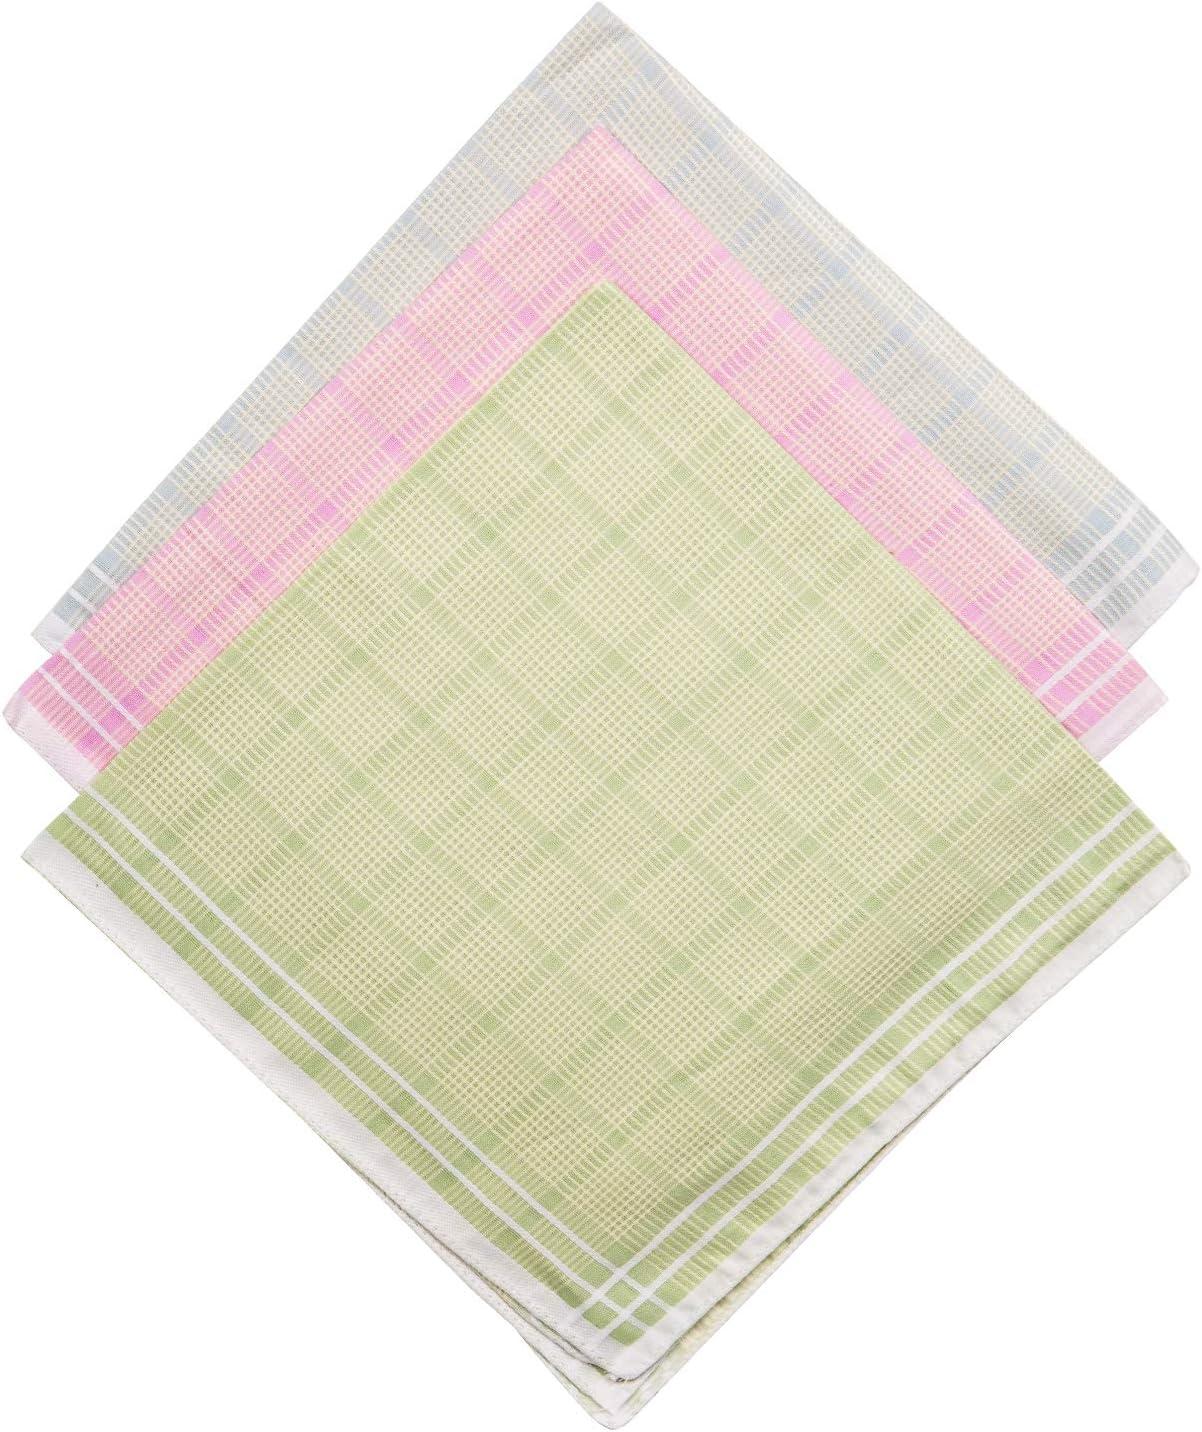 Men's Handkerchief,100% Cotton Classic Hankies.Pack of 6 Gift Set